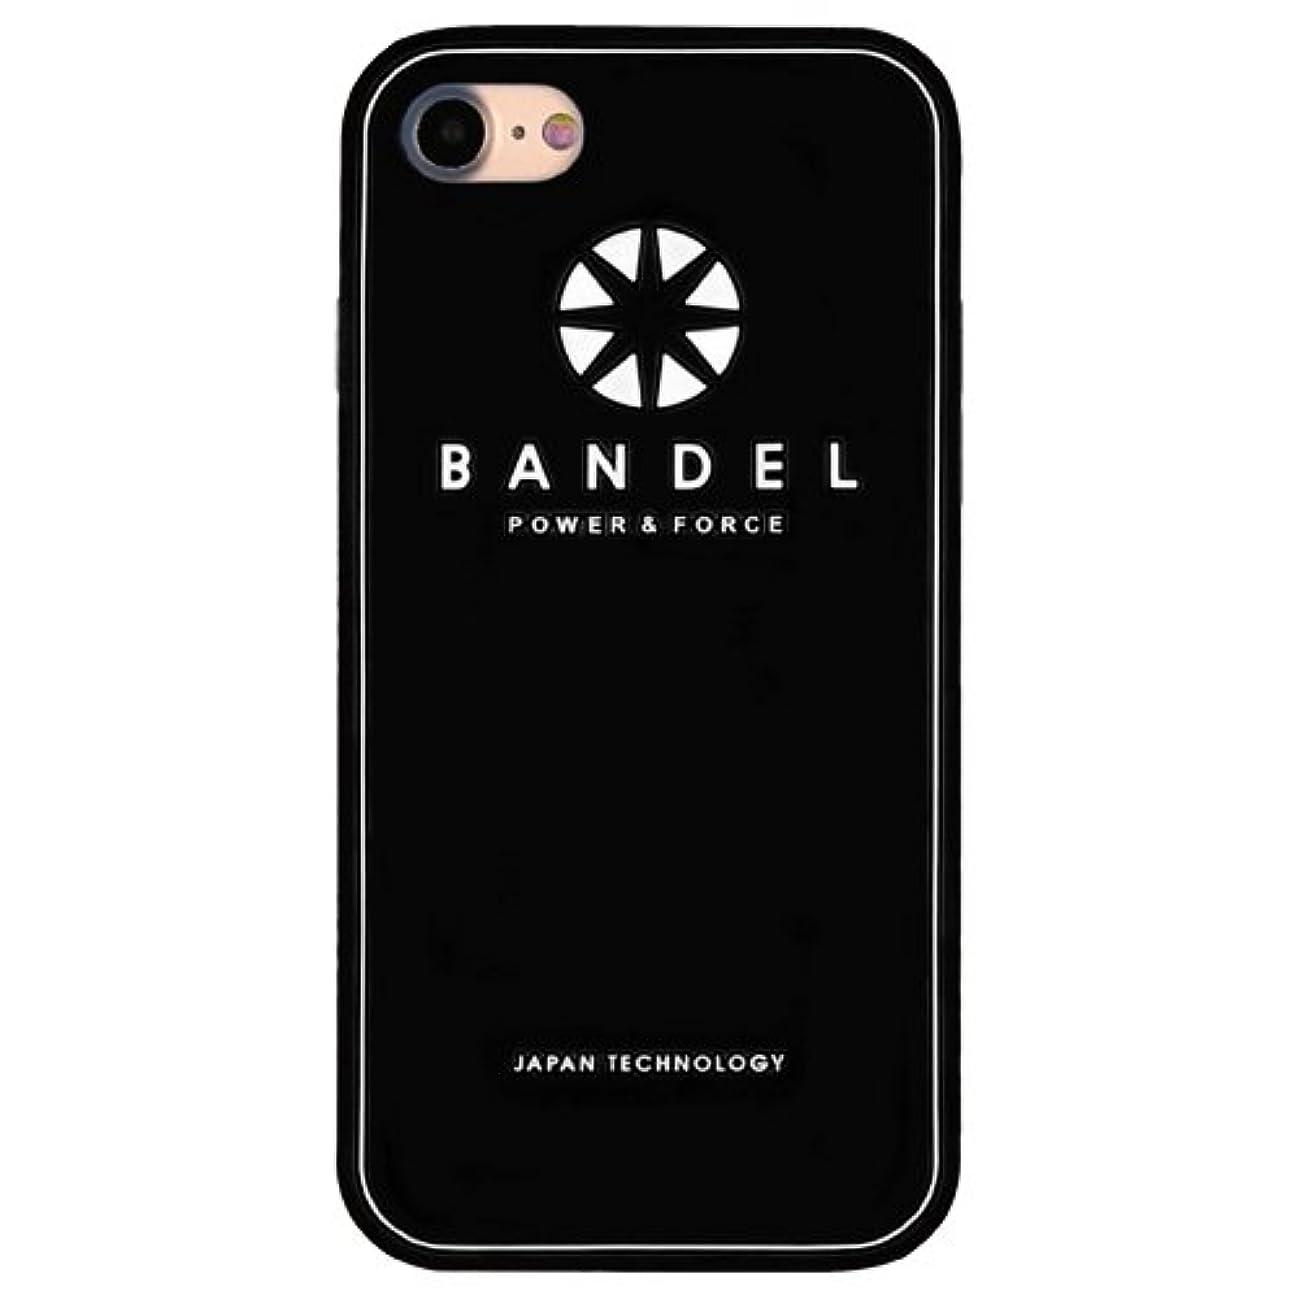 ポンプ熱心なモーテルバンデル(BANDEL) ロゴ iPhone 8専用 シリコンケース [ブラック×ホワイト]